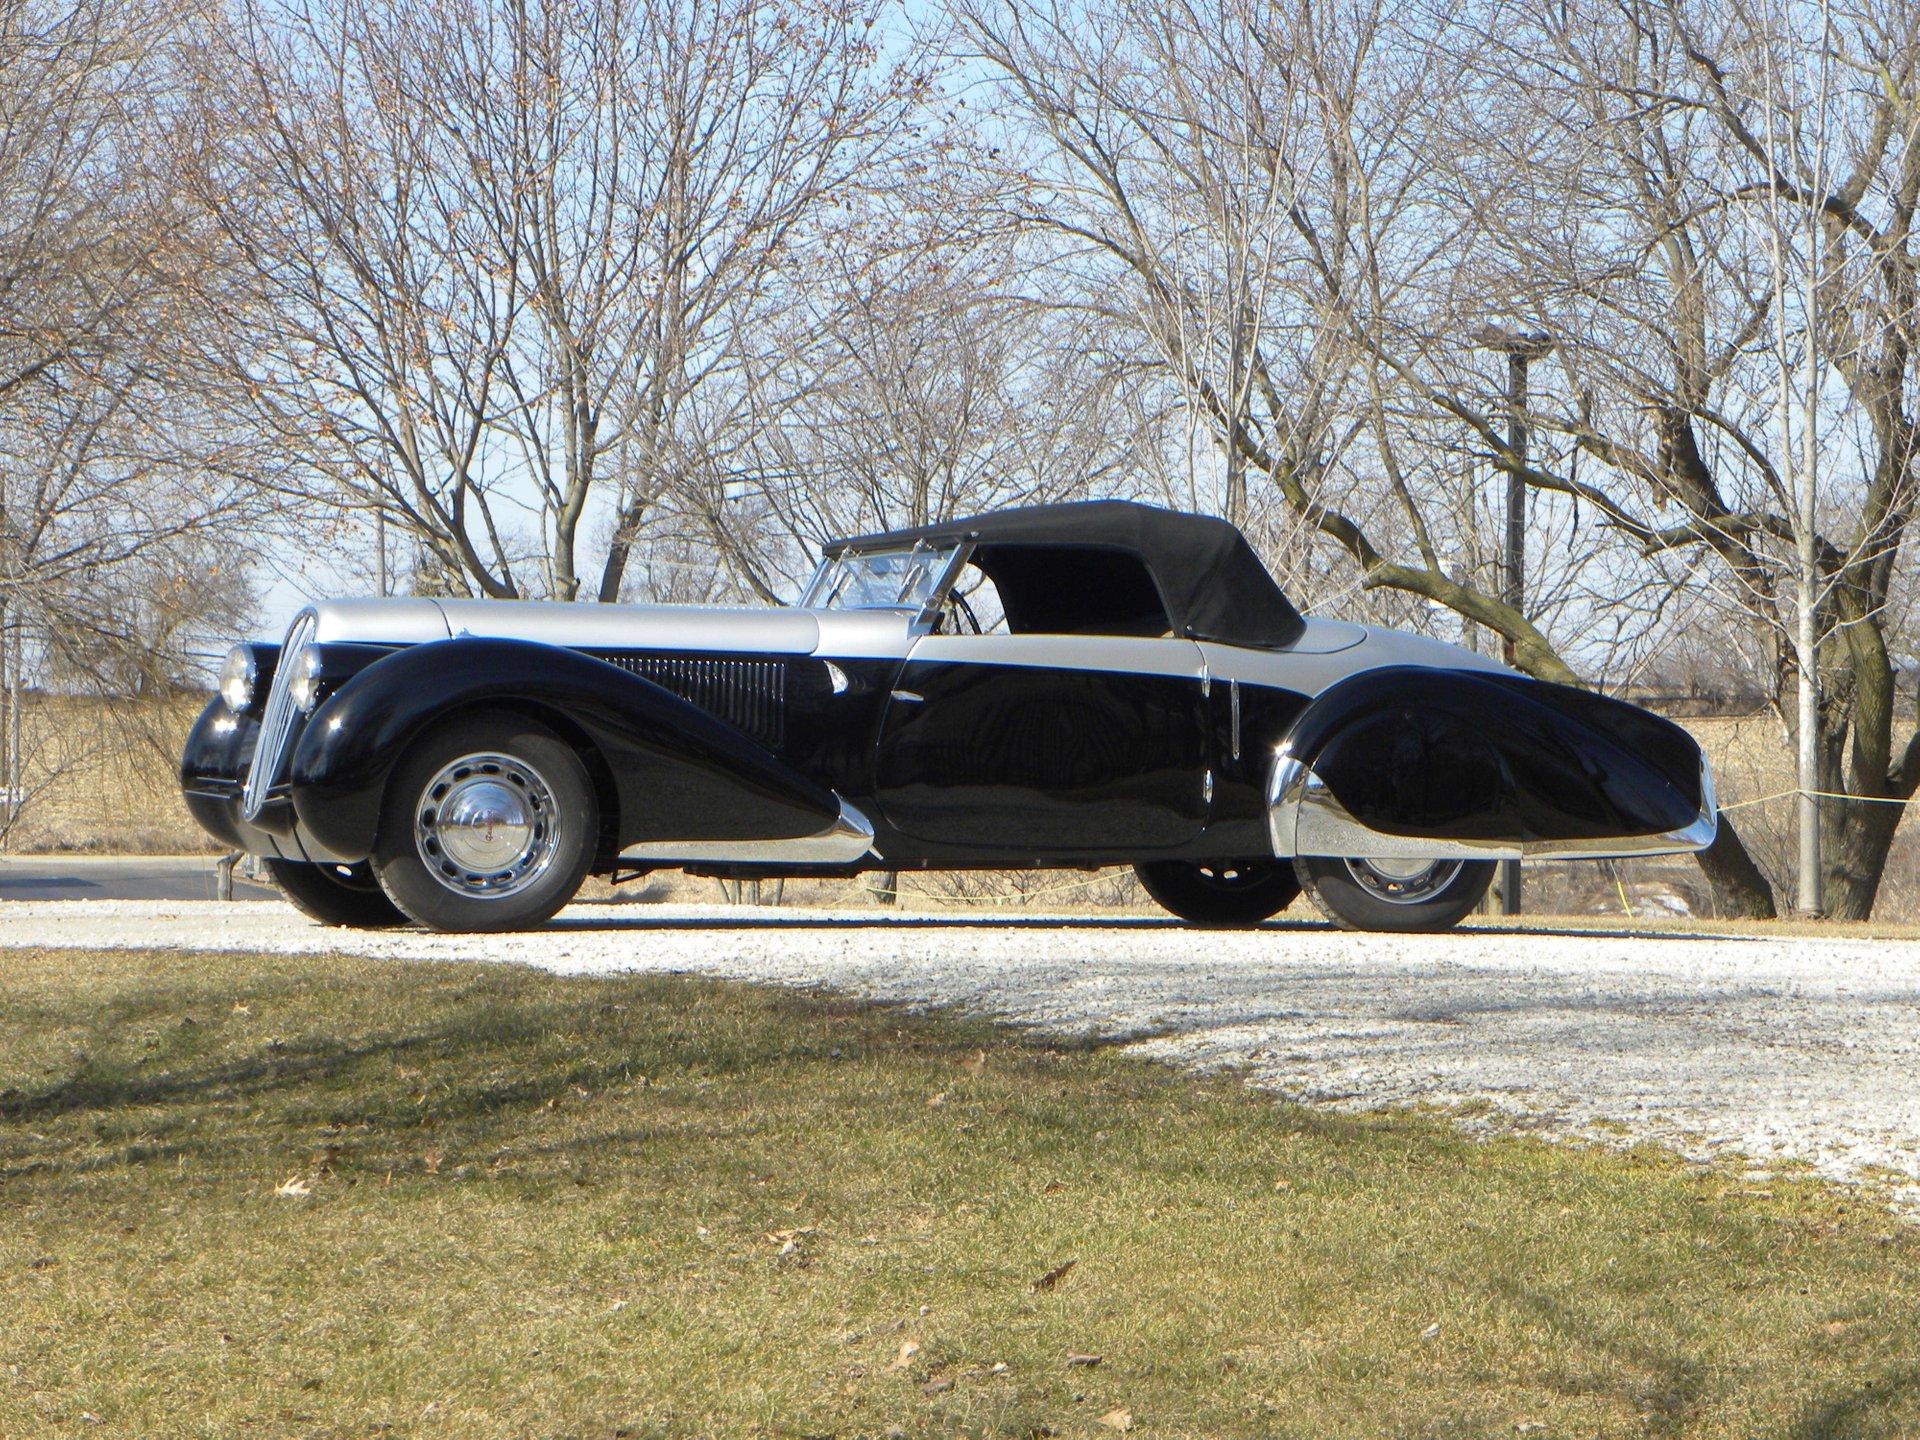 1937 peugeot model 402 pourtout cabriolet